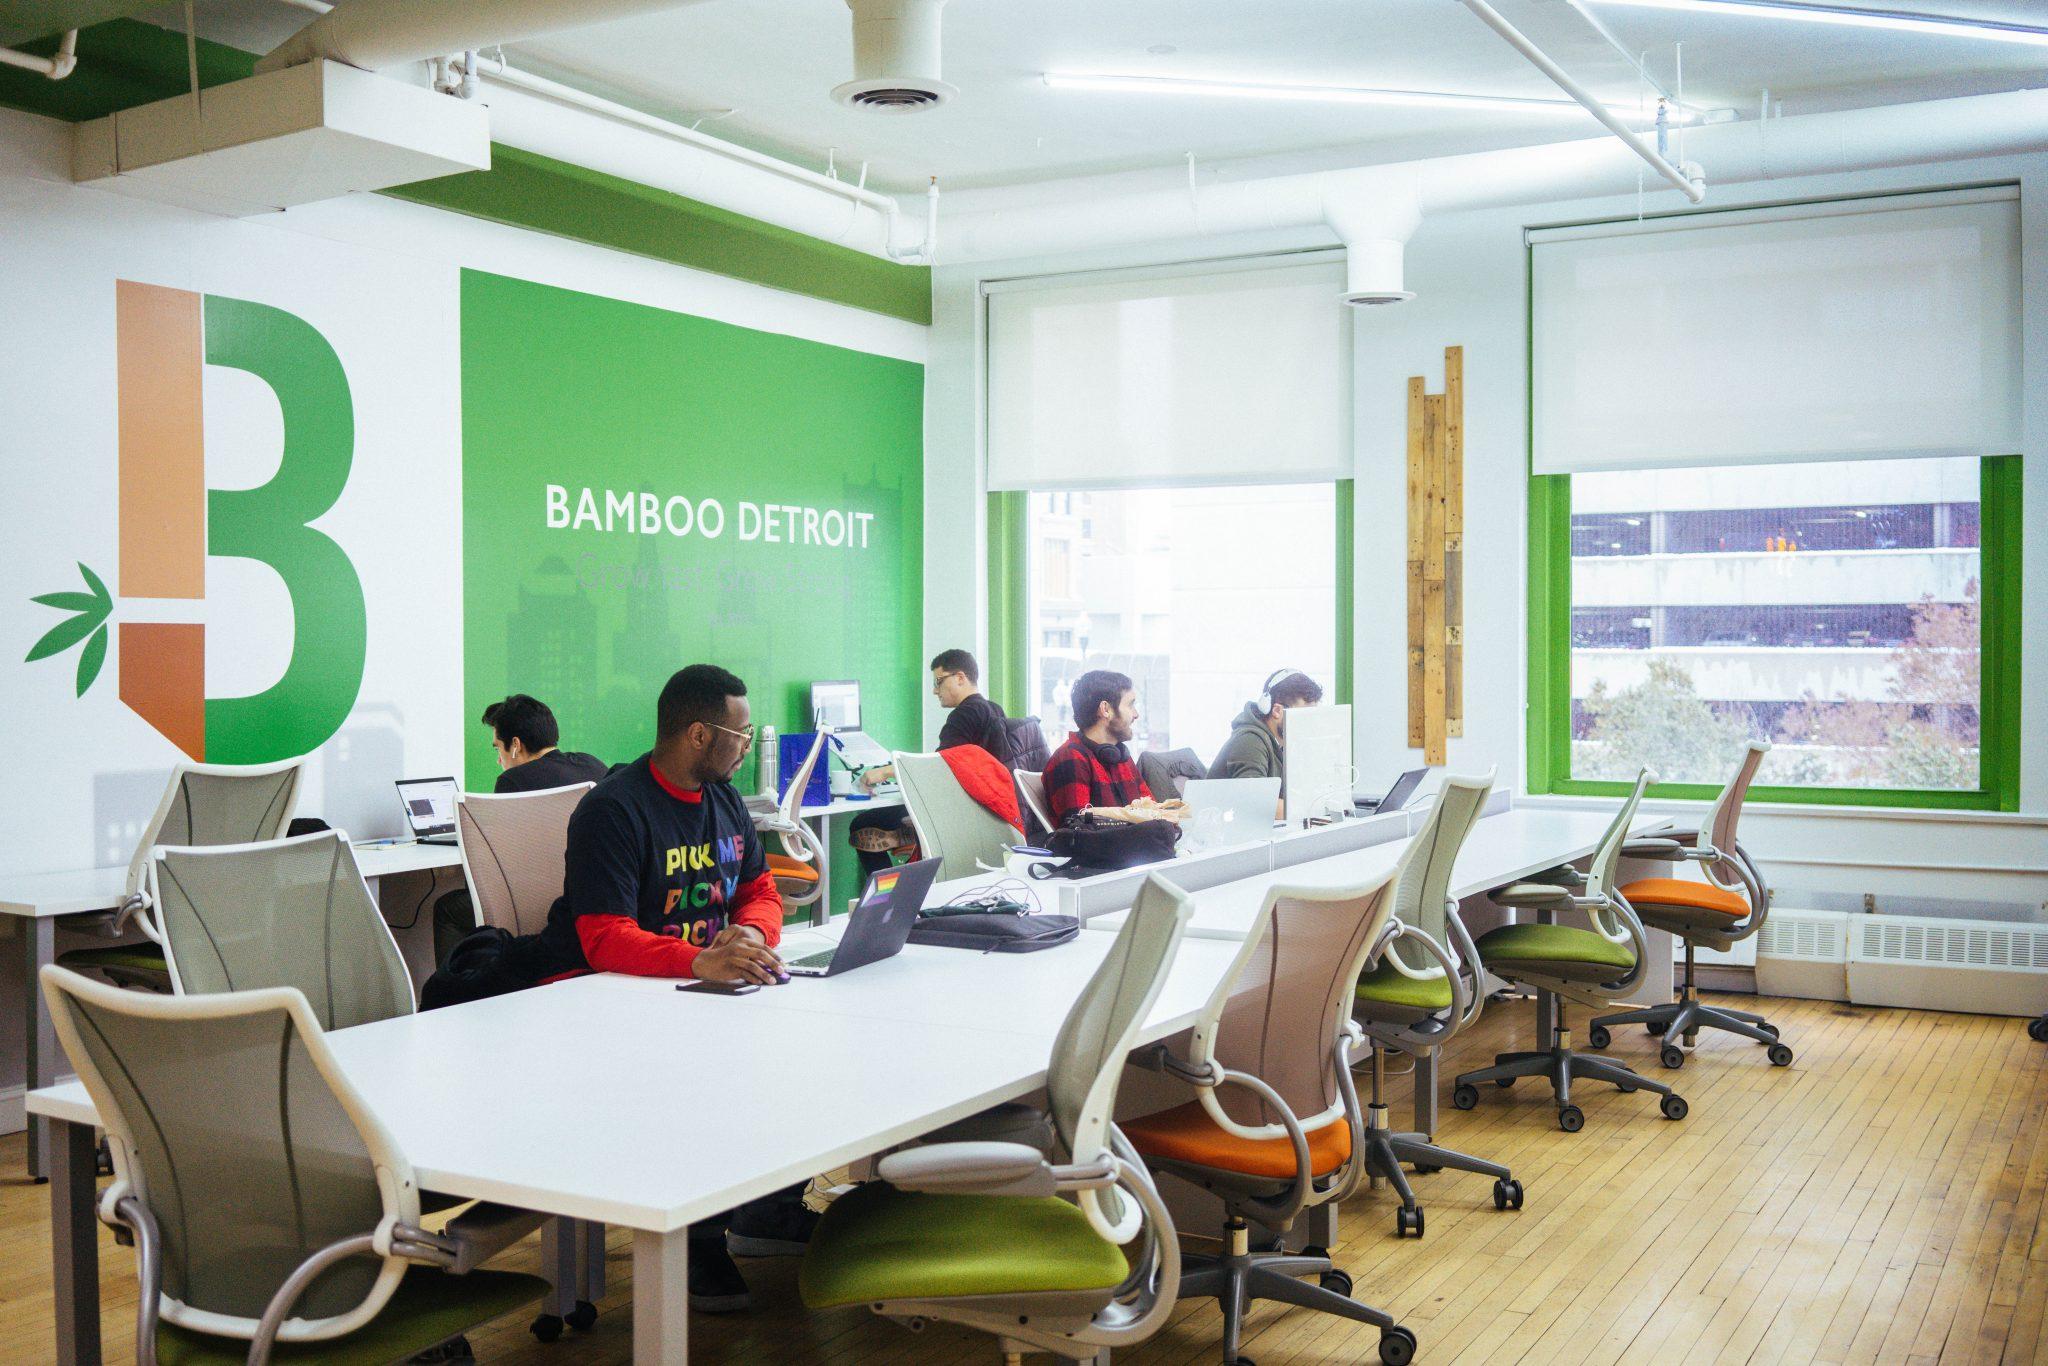 BAMBOO DETROIT WORKSPACE. PHOTO AMI NICOLE / ACRONYM